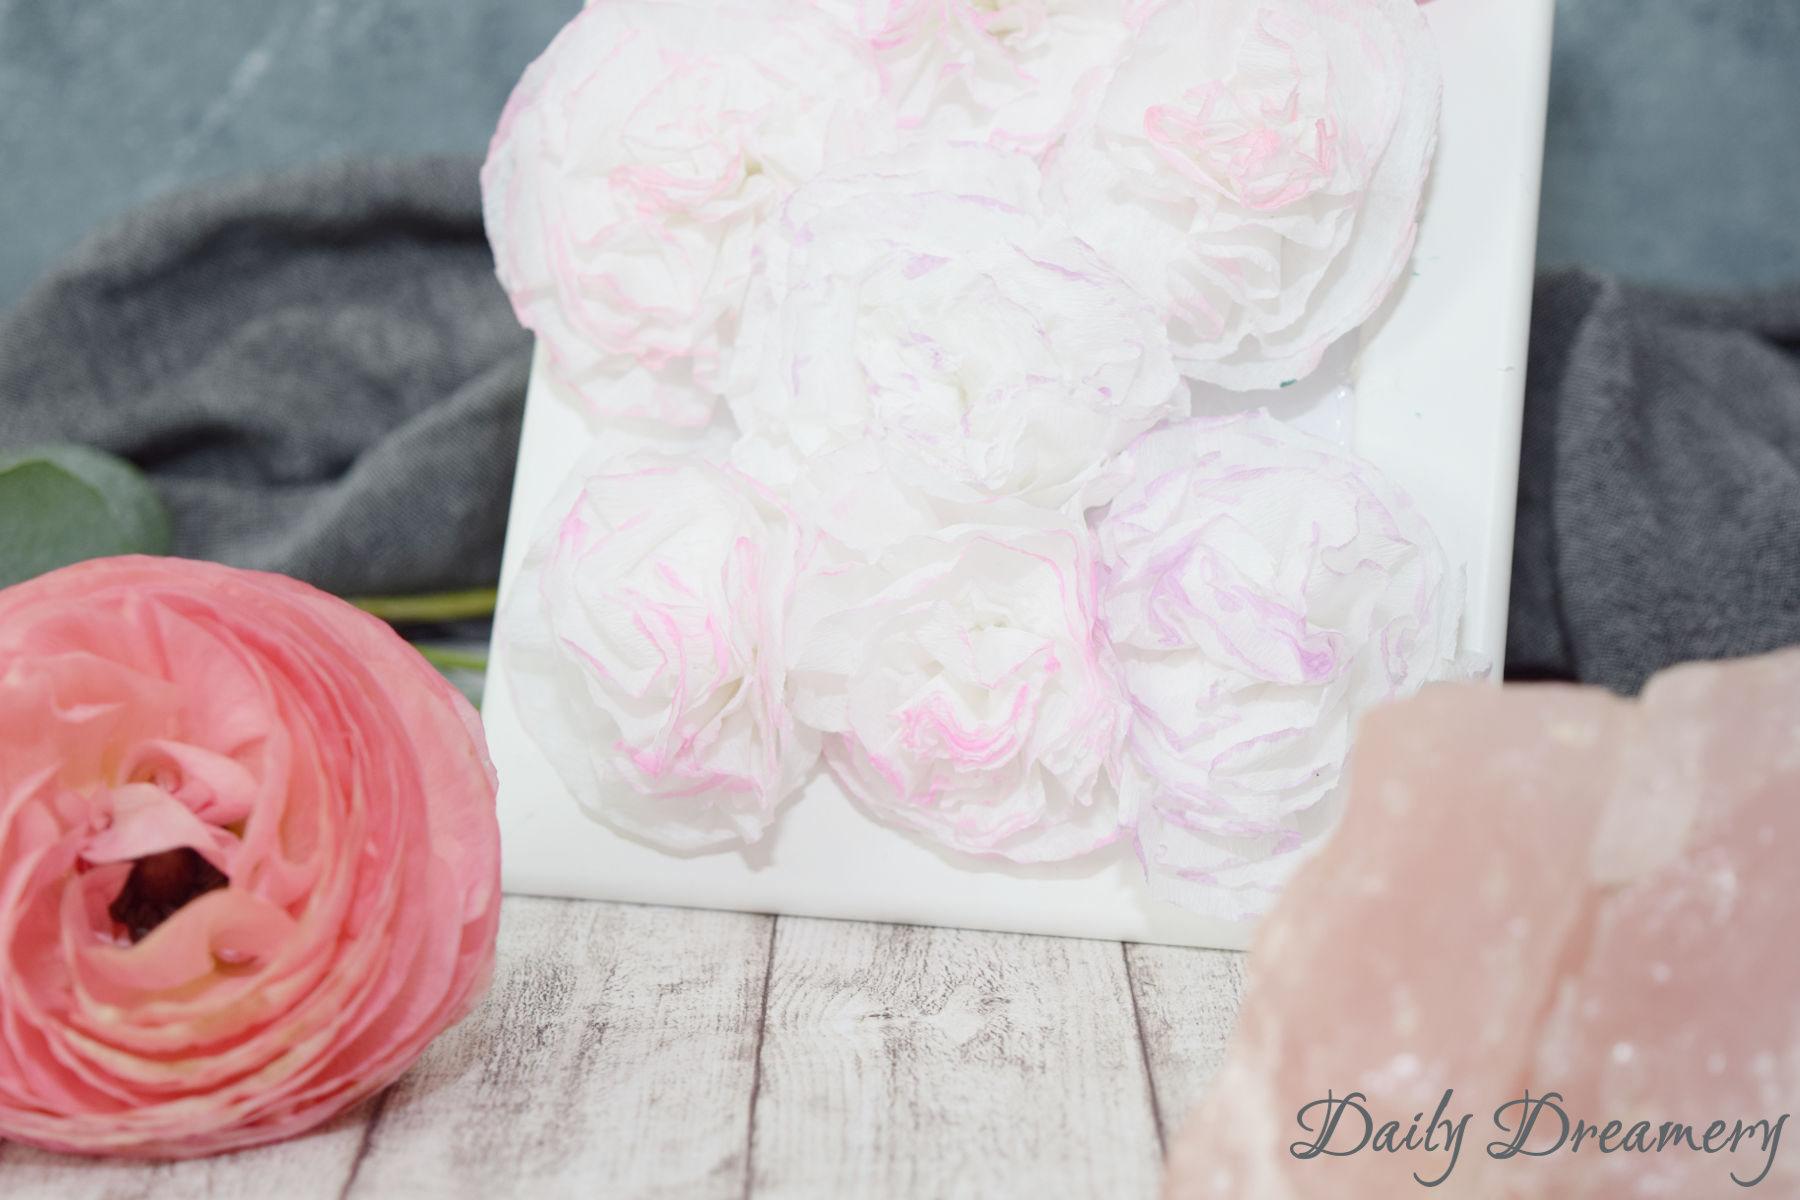 DIY Blumenbild aus Krepp-Papier, tolle Geschenkidee für Muttertag #diy #muttertag #blumen